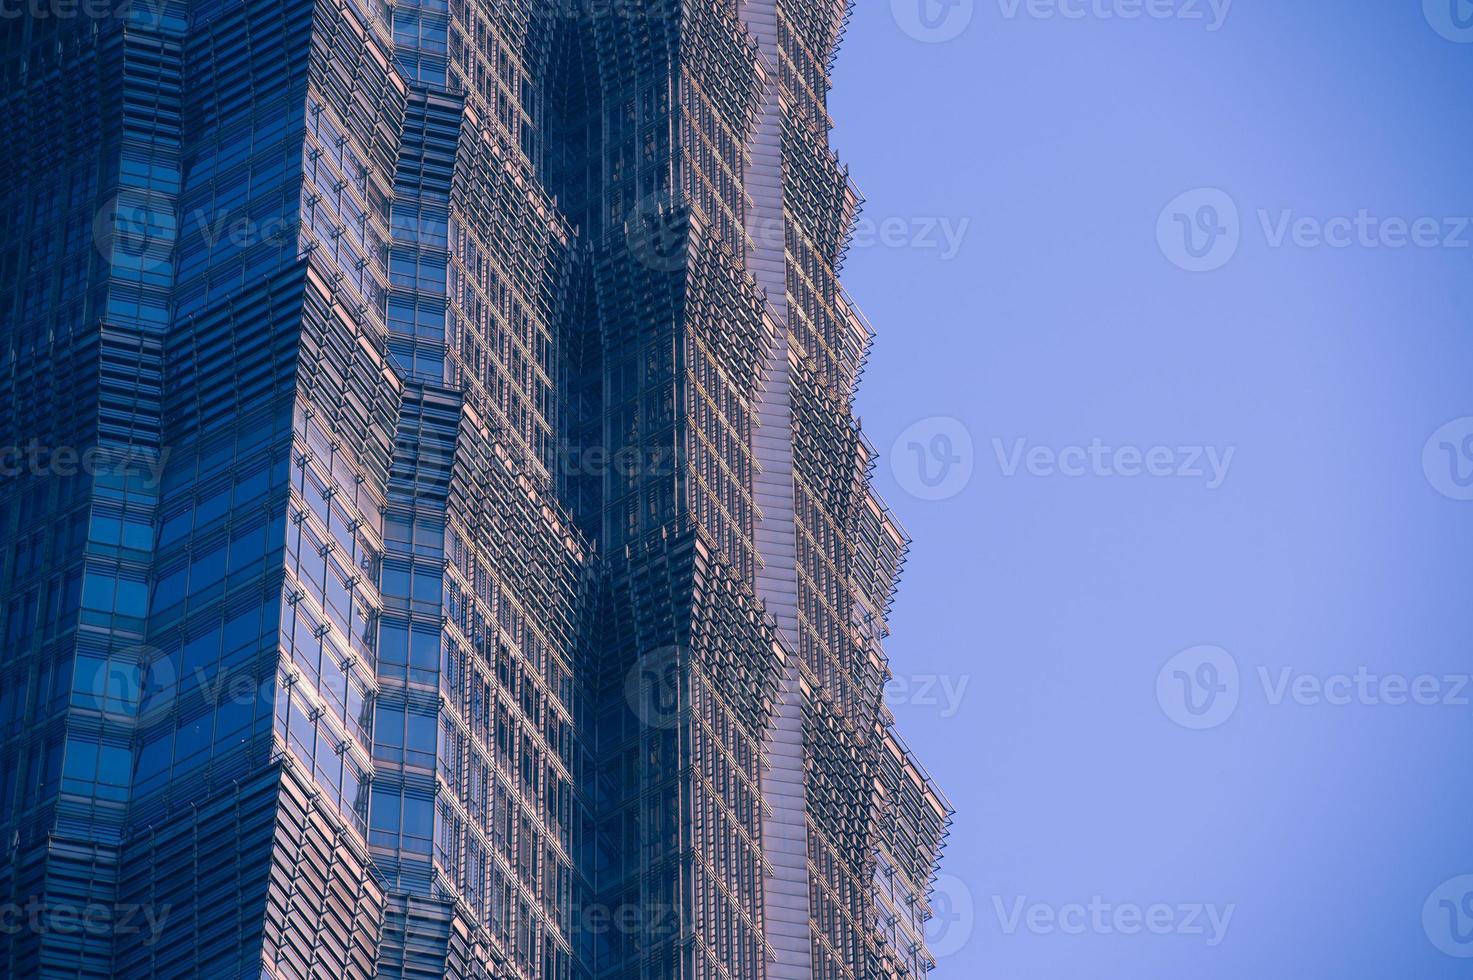 Wand von Bürogebäuden Nahaufnahme, Shanghai, der Jinmao-Turm foto